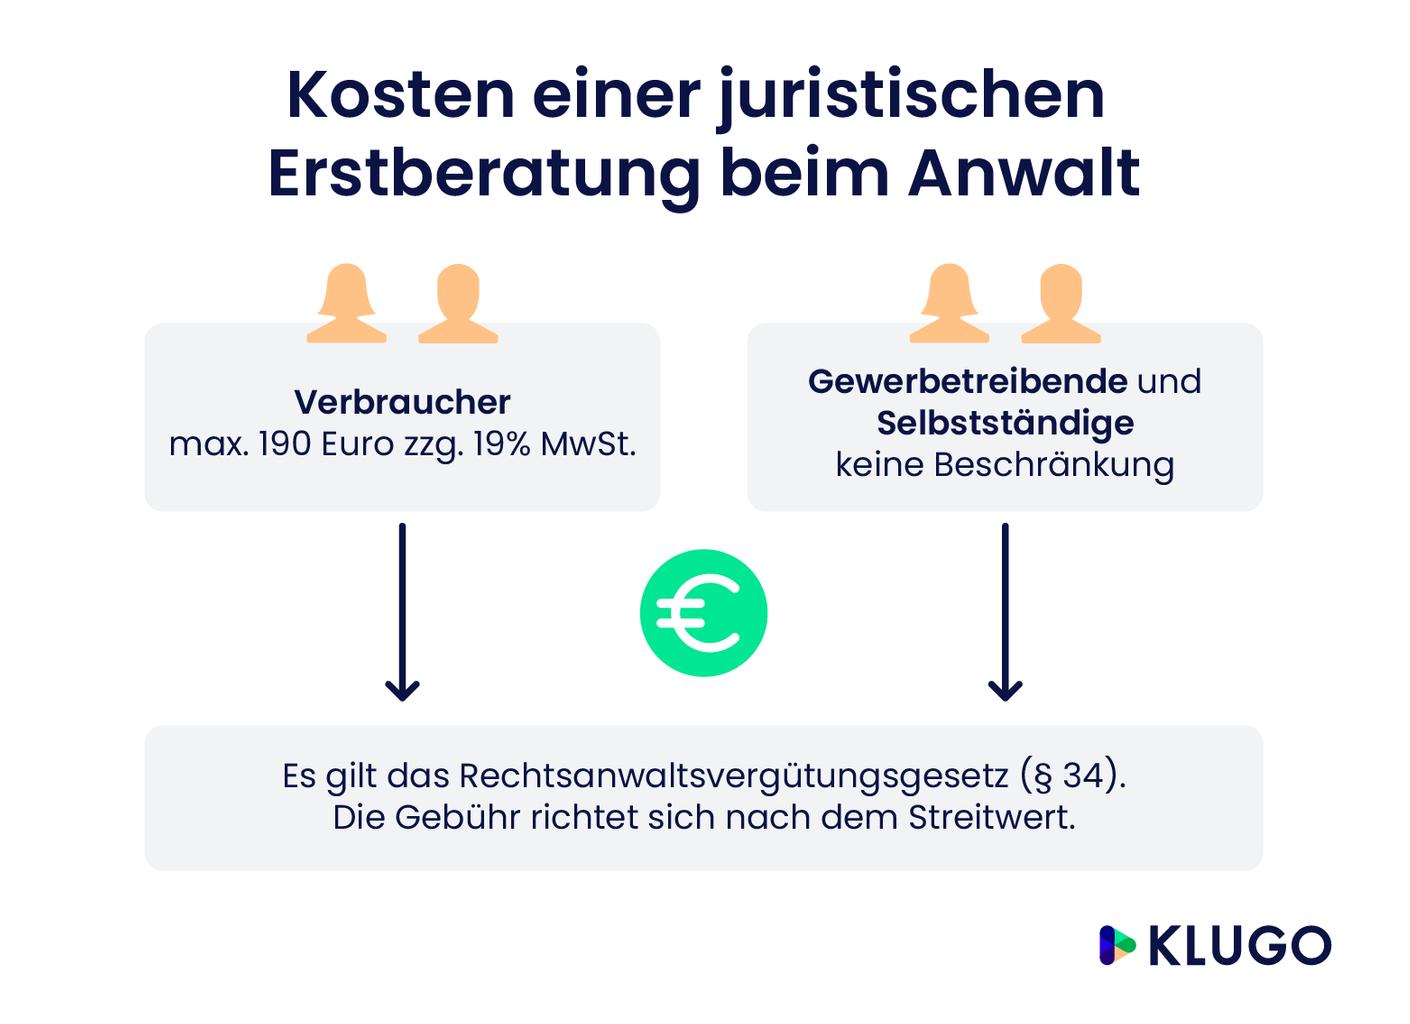 Kosten einer juristischen Erstberatung laut Rechtsanwaltsvergütungsgesetz – Infografik